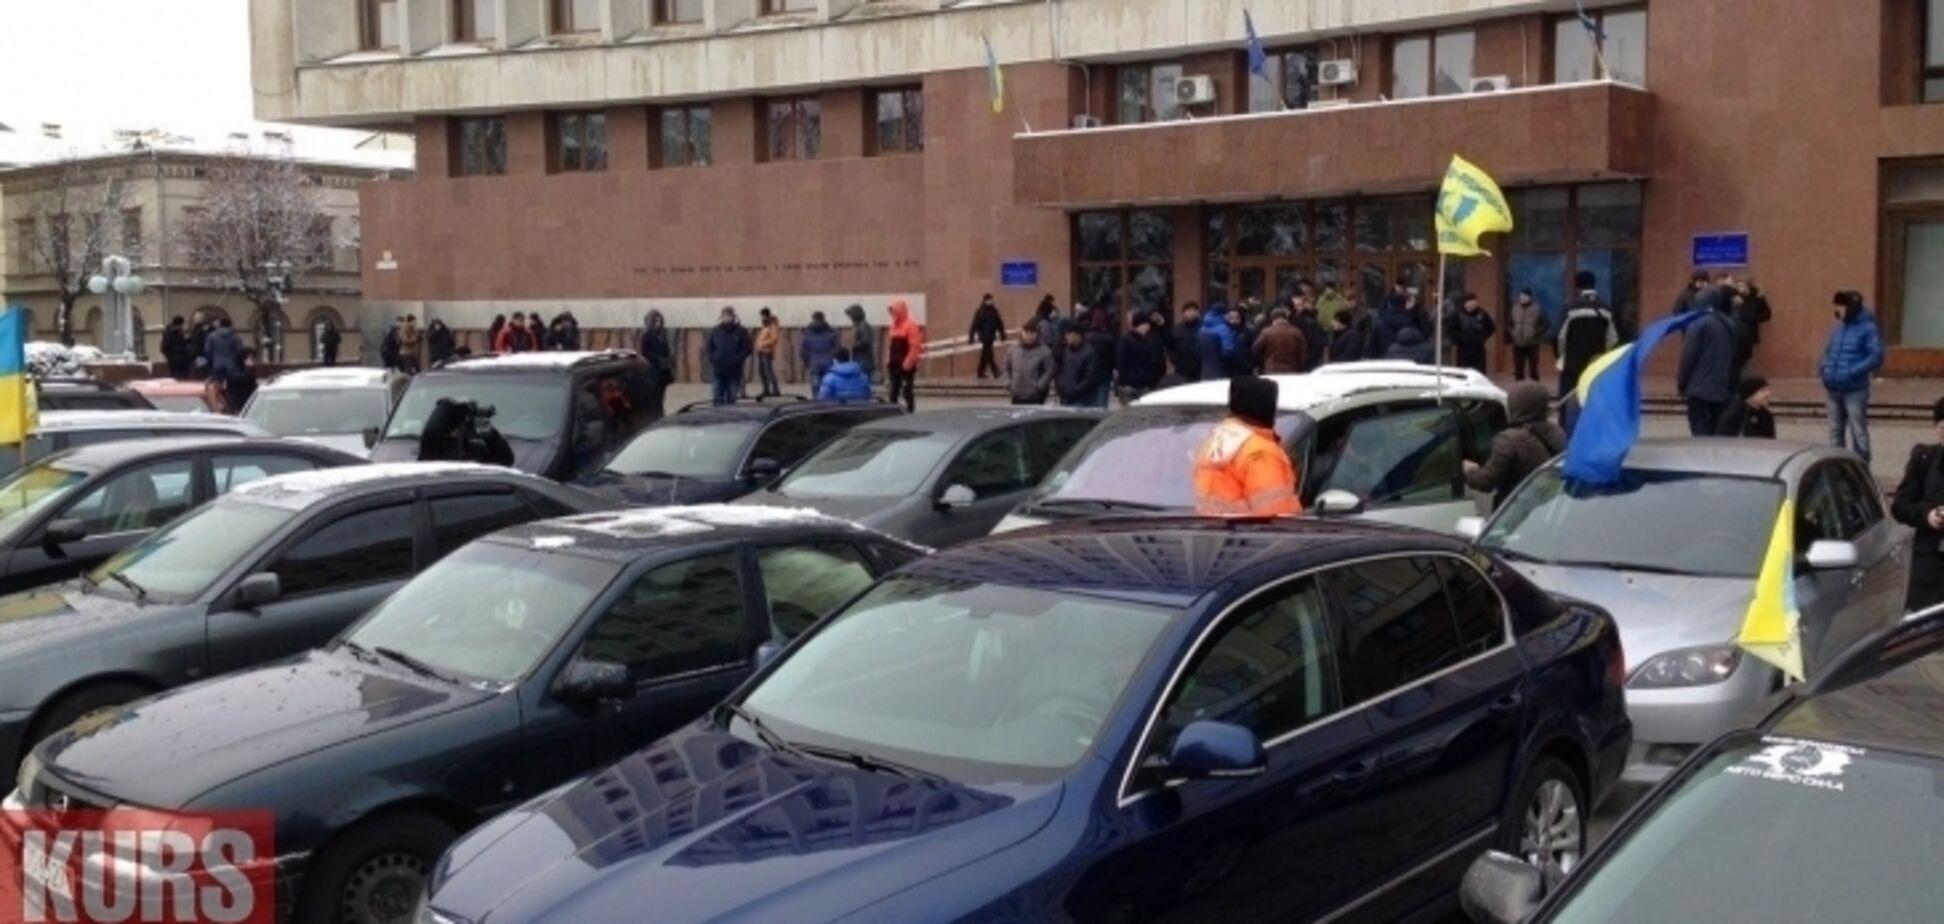 Є склад злочину: ''євробляхери'' можуть піти під суд за протести в Україні